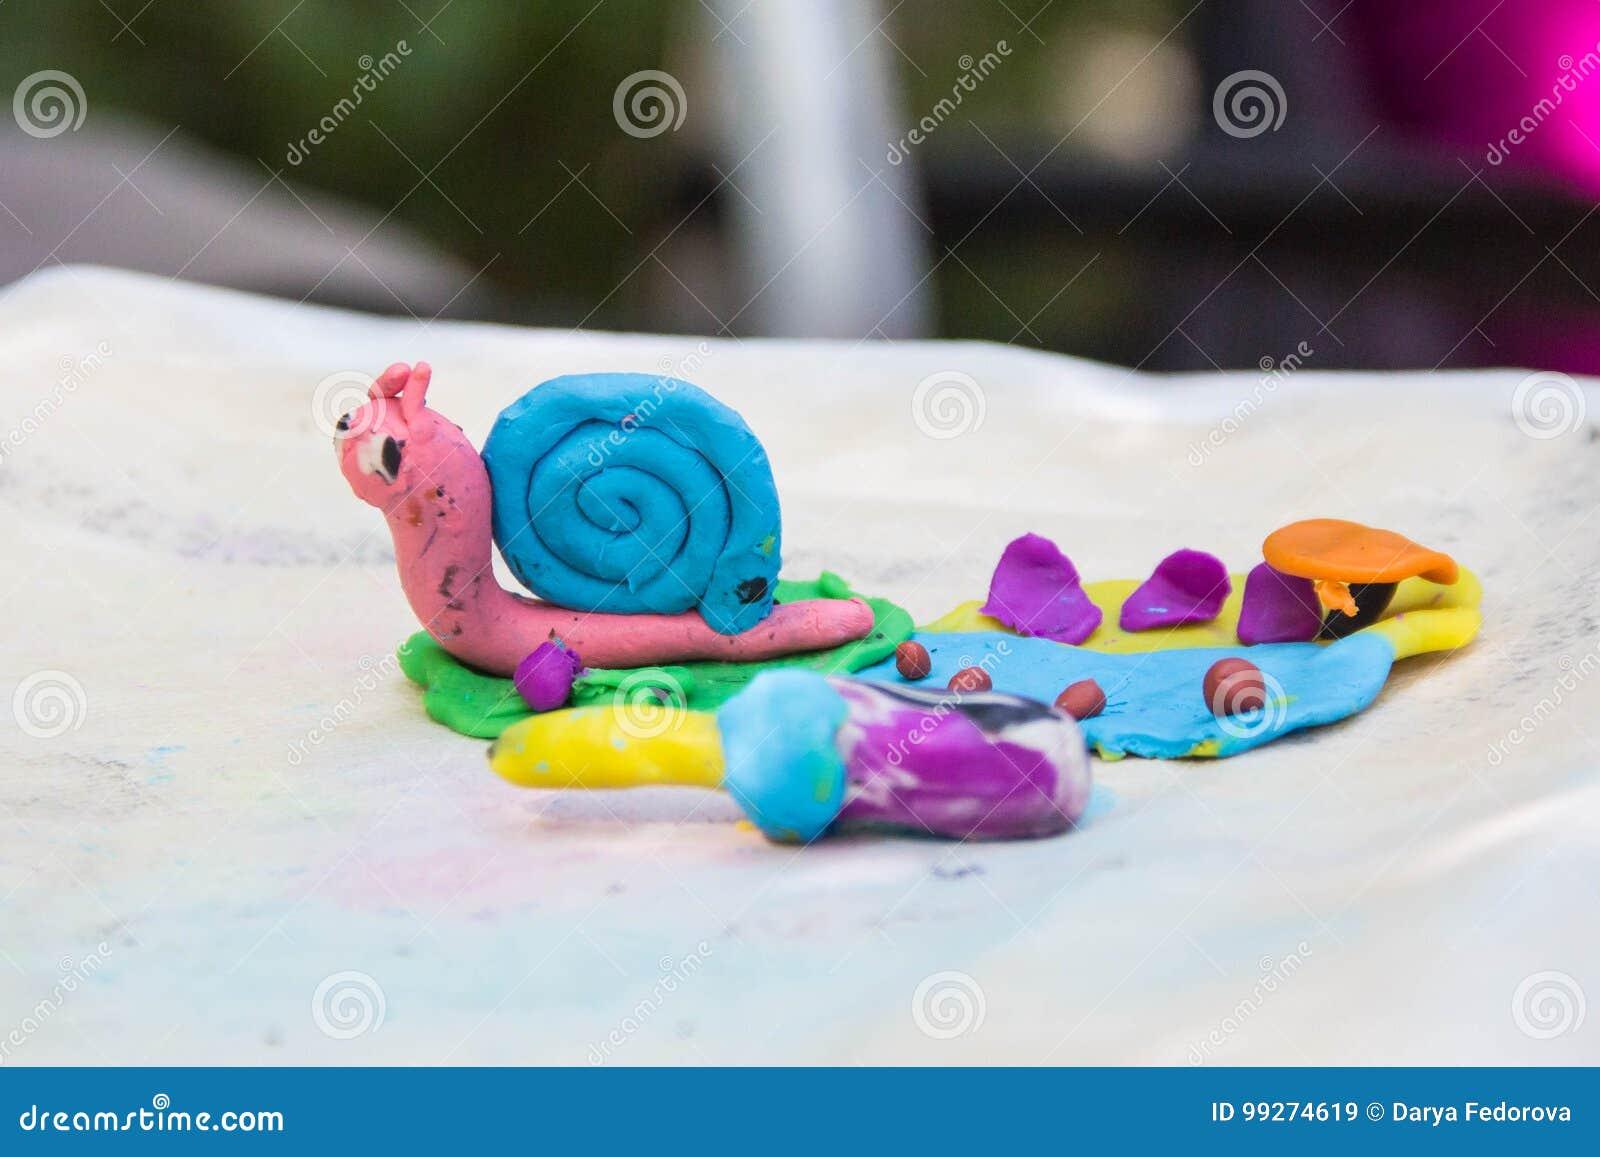 Розовая голубая улитка сделанная от пластилина цвета